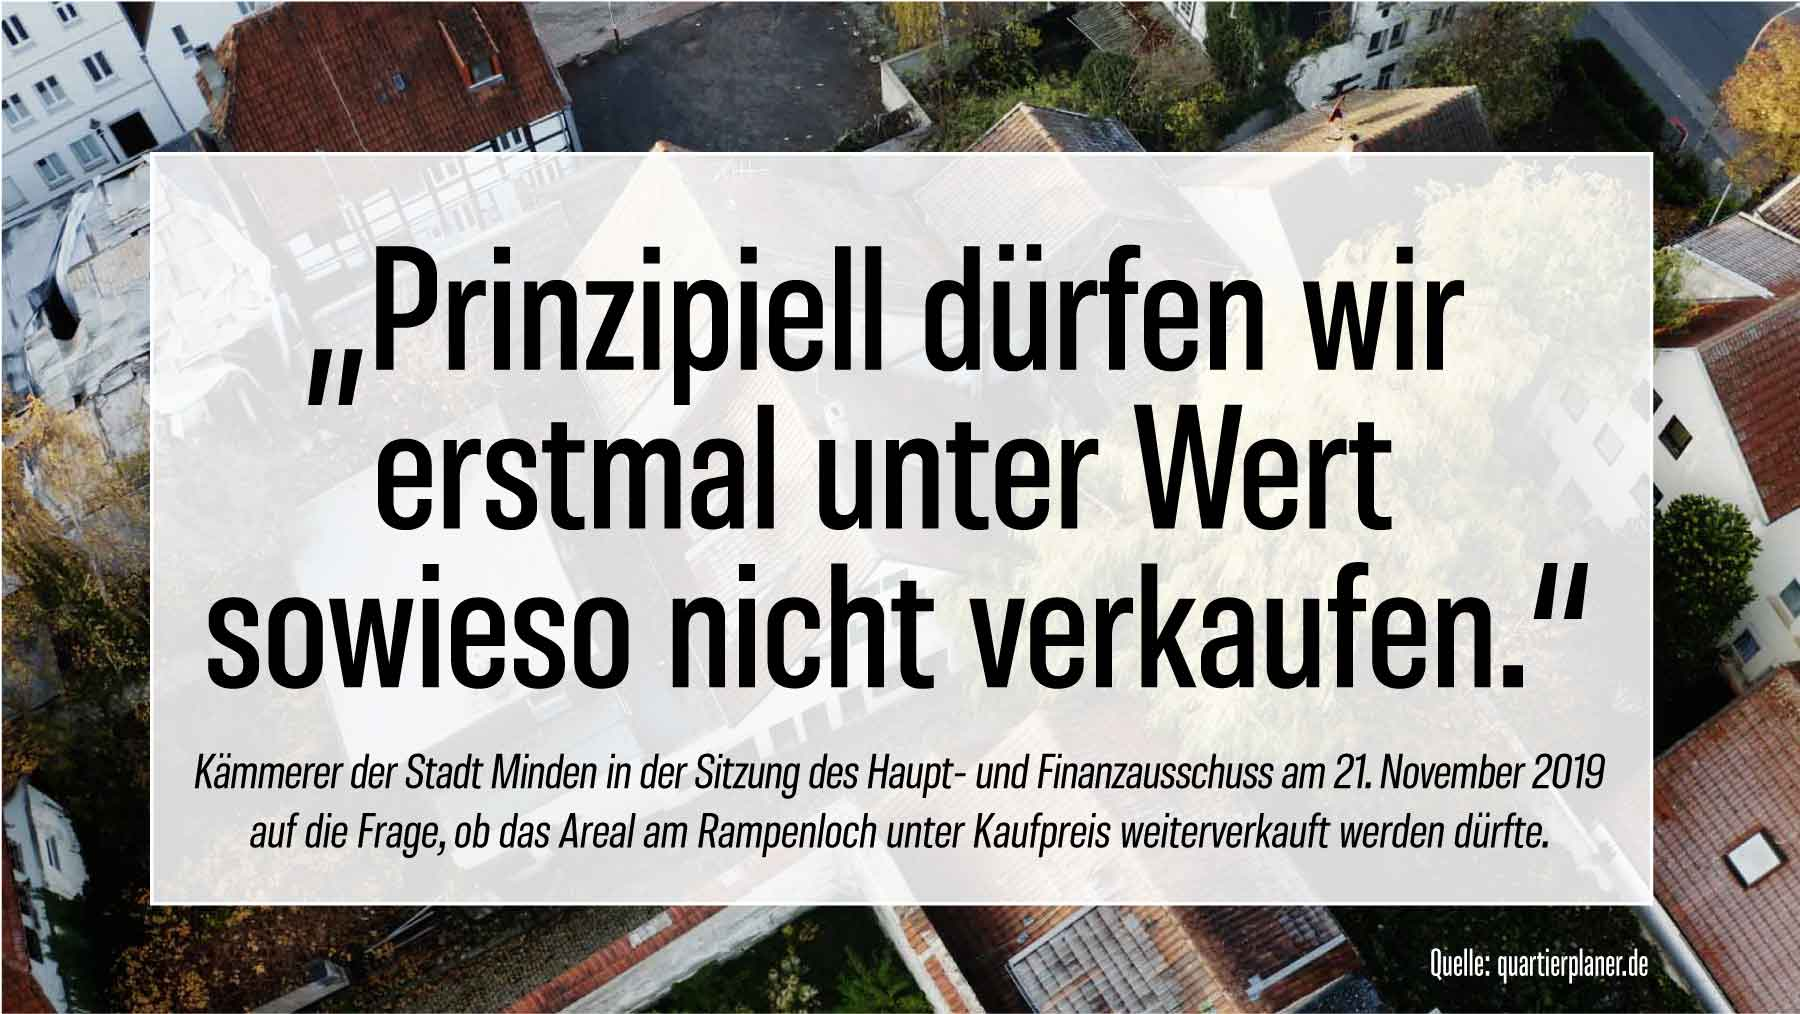 Statement des Stadtkämmerers der Stadt Minden zum Rampenloch-Verkauf